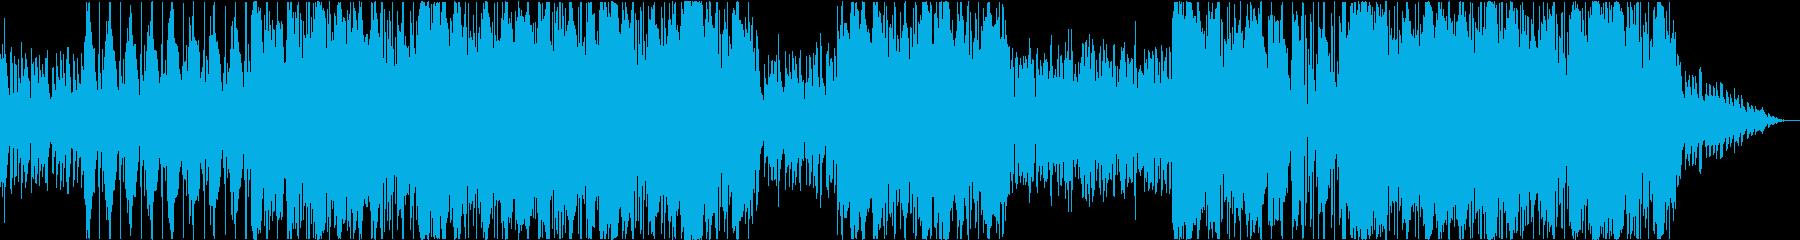 洋楽 ヒップホップ ダーク ギター 残響の再生済みの波形